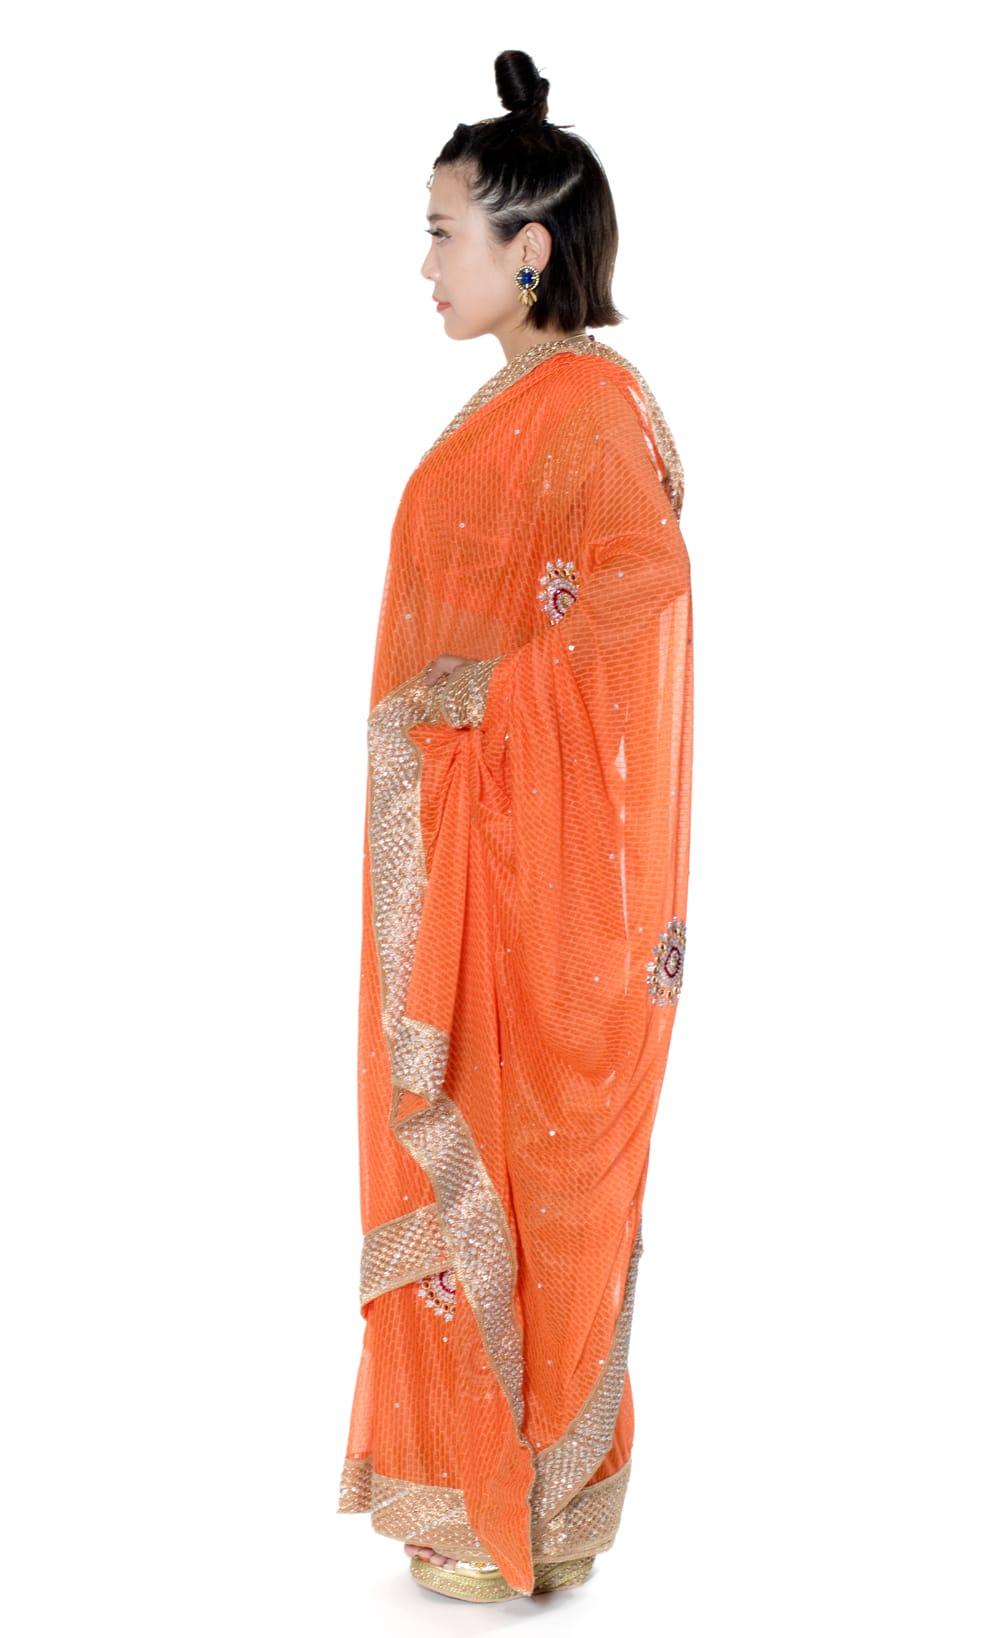 金糸とビーズ刺繍 レンガ模様のマハラニインドサリー【チョリ付き】 - オレンジ 2 - 横からの写真です